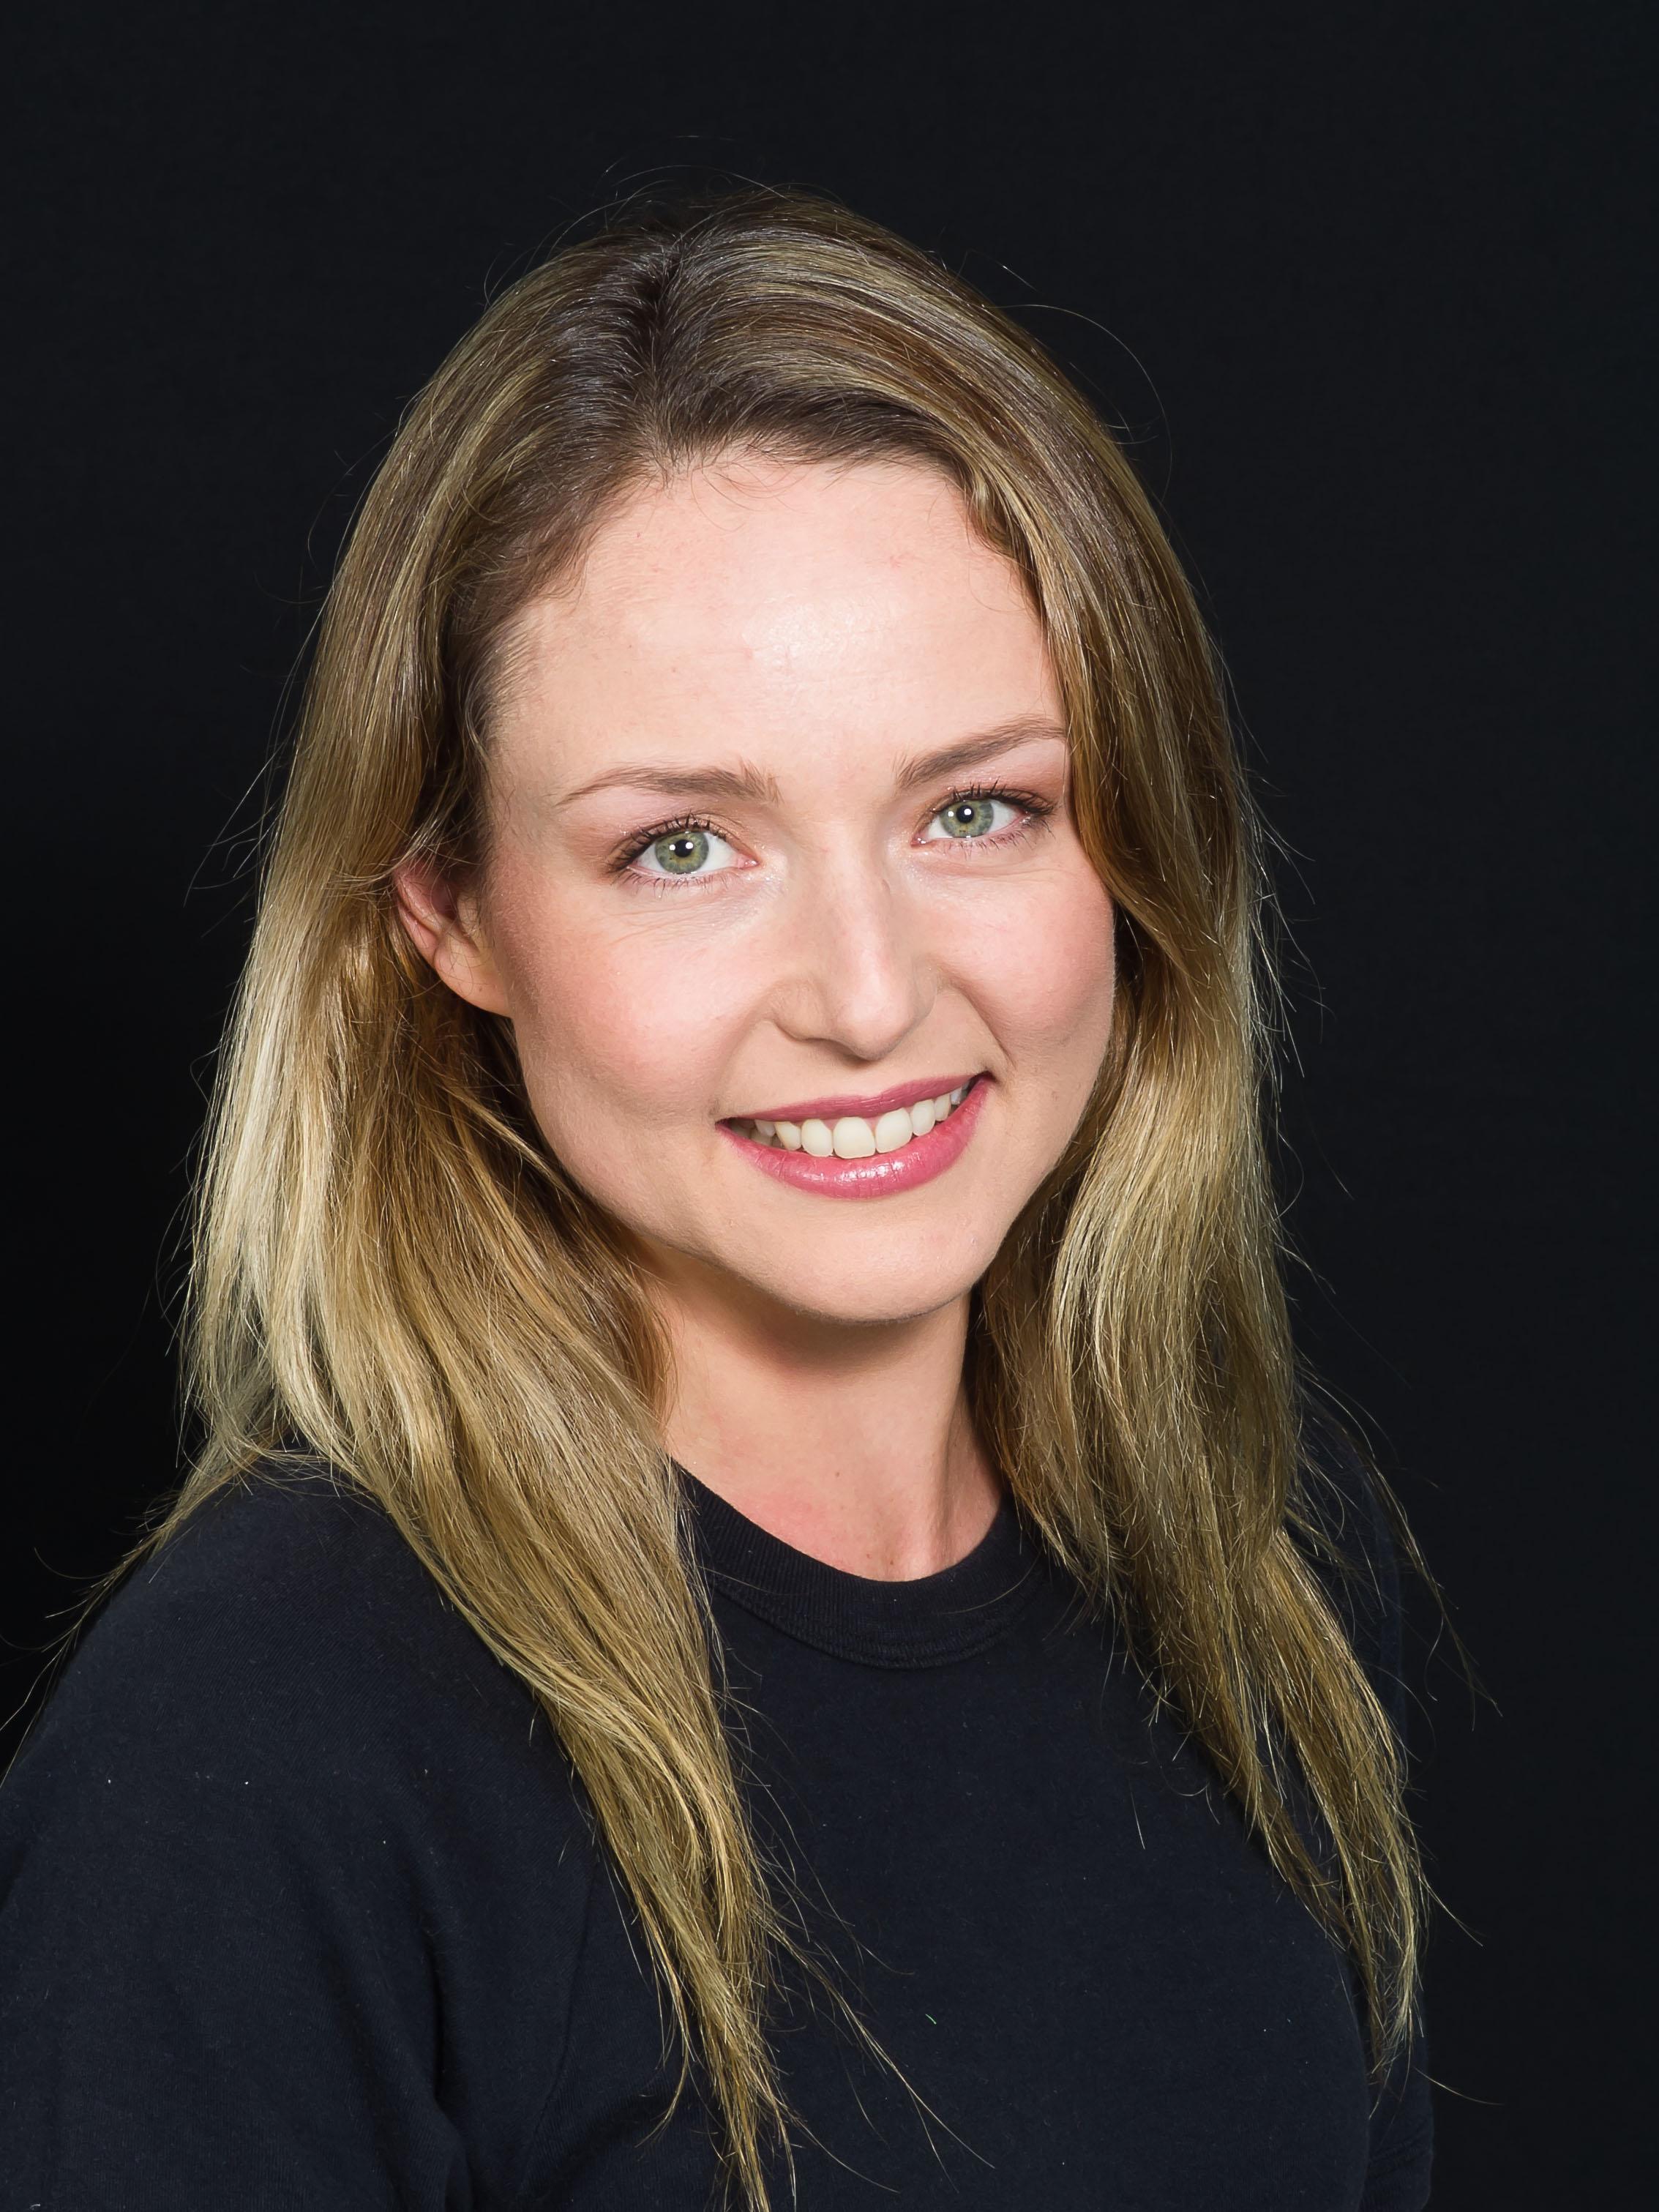 Michaela Leisk